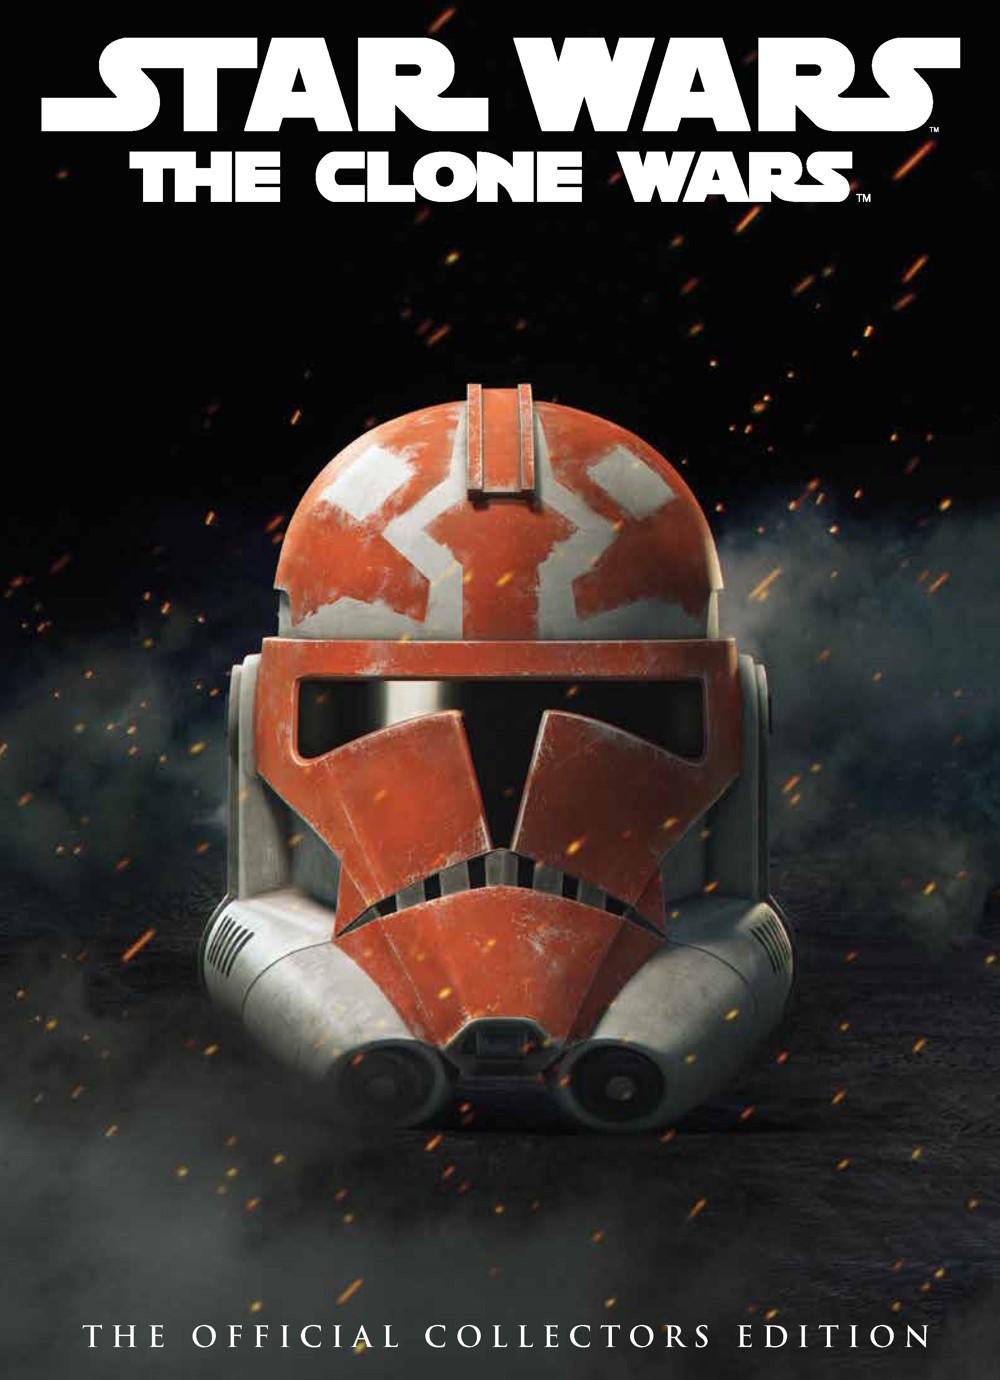 STAR-WARS-CLONE-WARS-PX Titan Comics October 2021 Solicitations